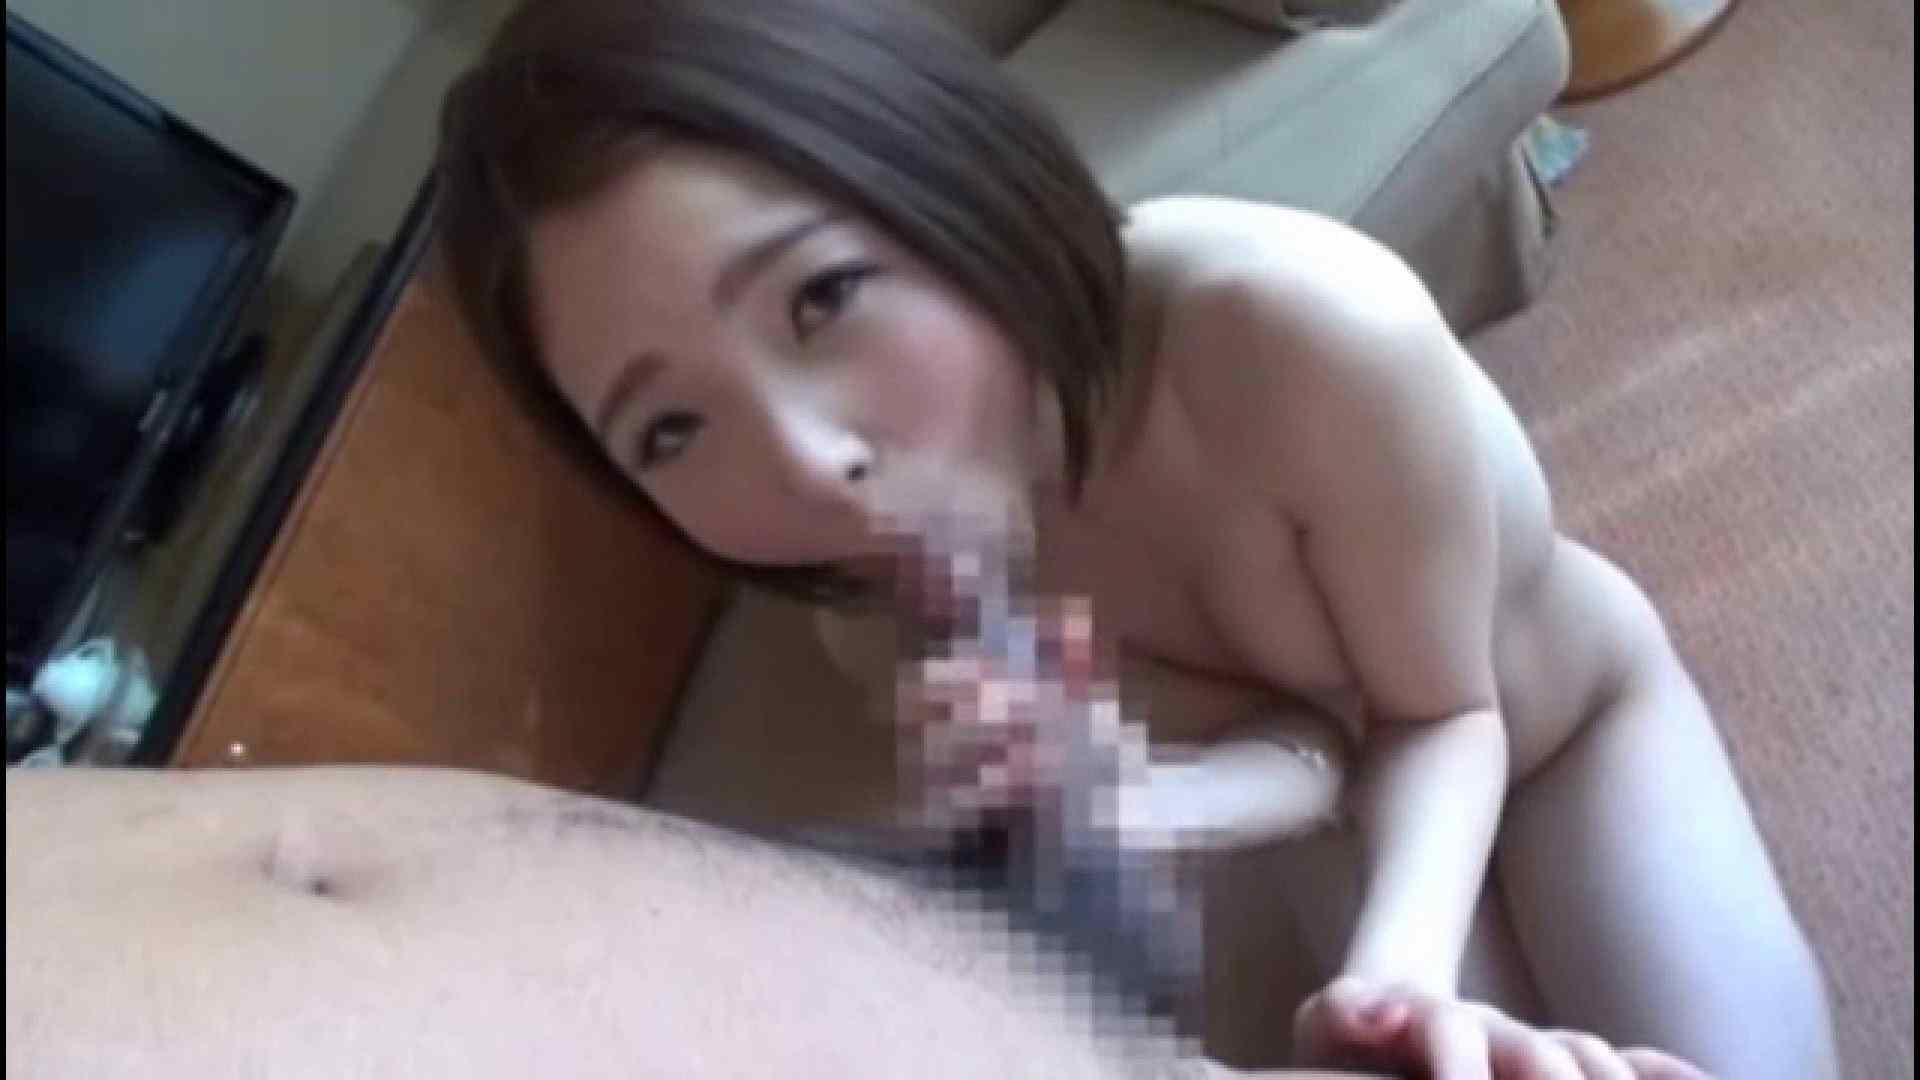 おしえてギャル子のH塾 Vol.45後編 美女 オマンコ動画キャプチャ 105連発 8